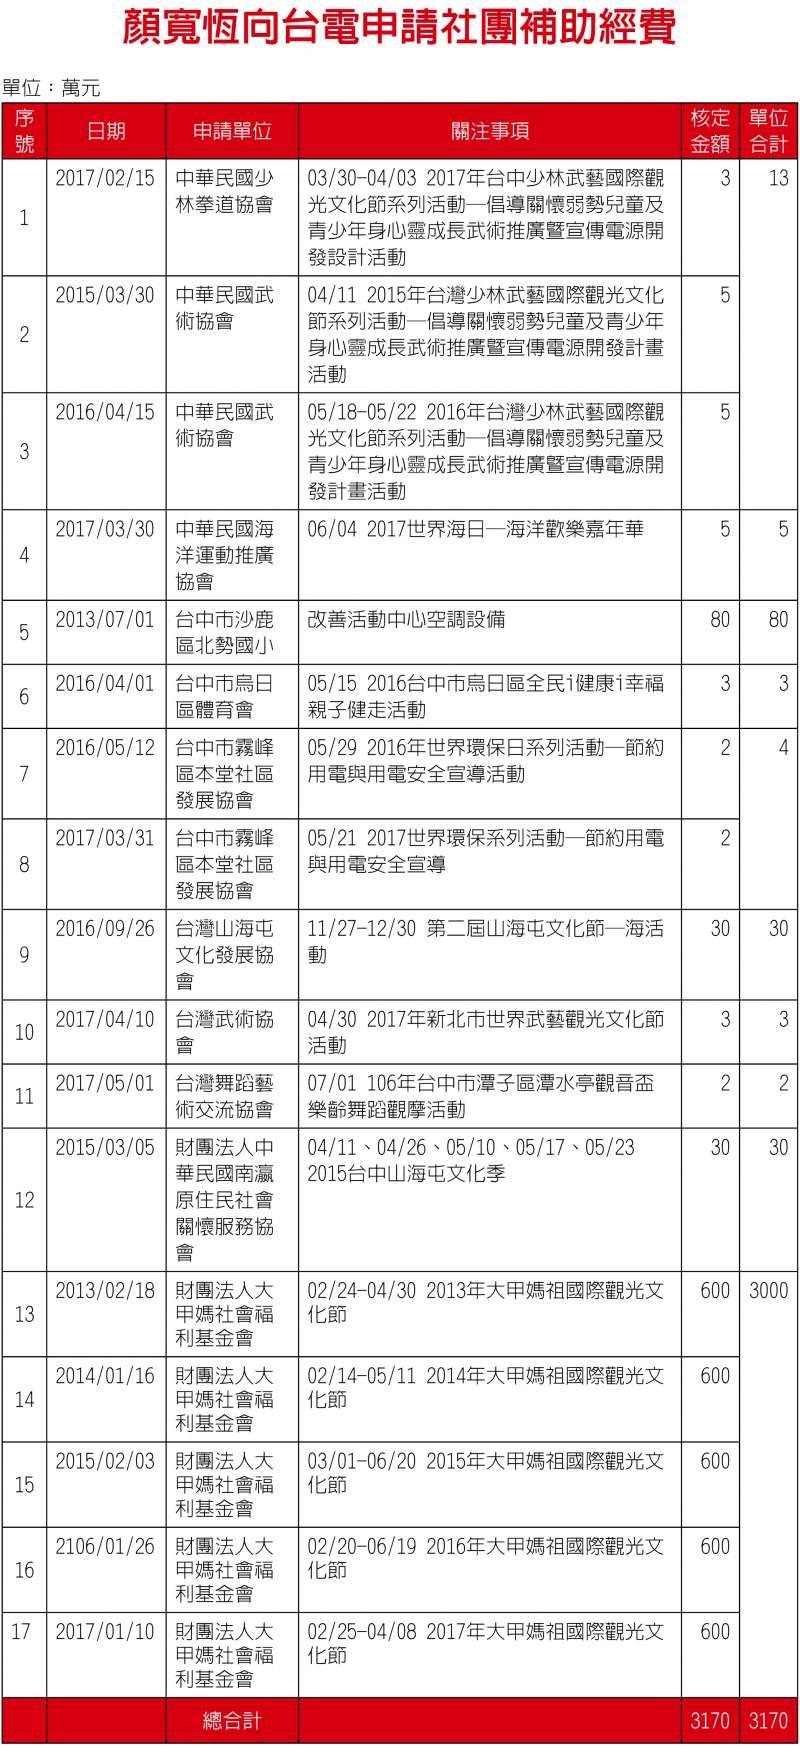 20171213-顏寬恆向台電申請社團補助經費.jpg